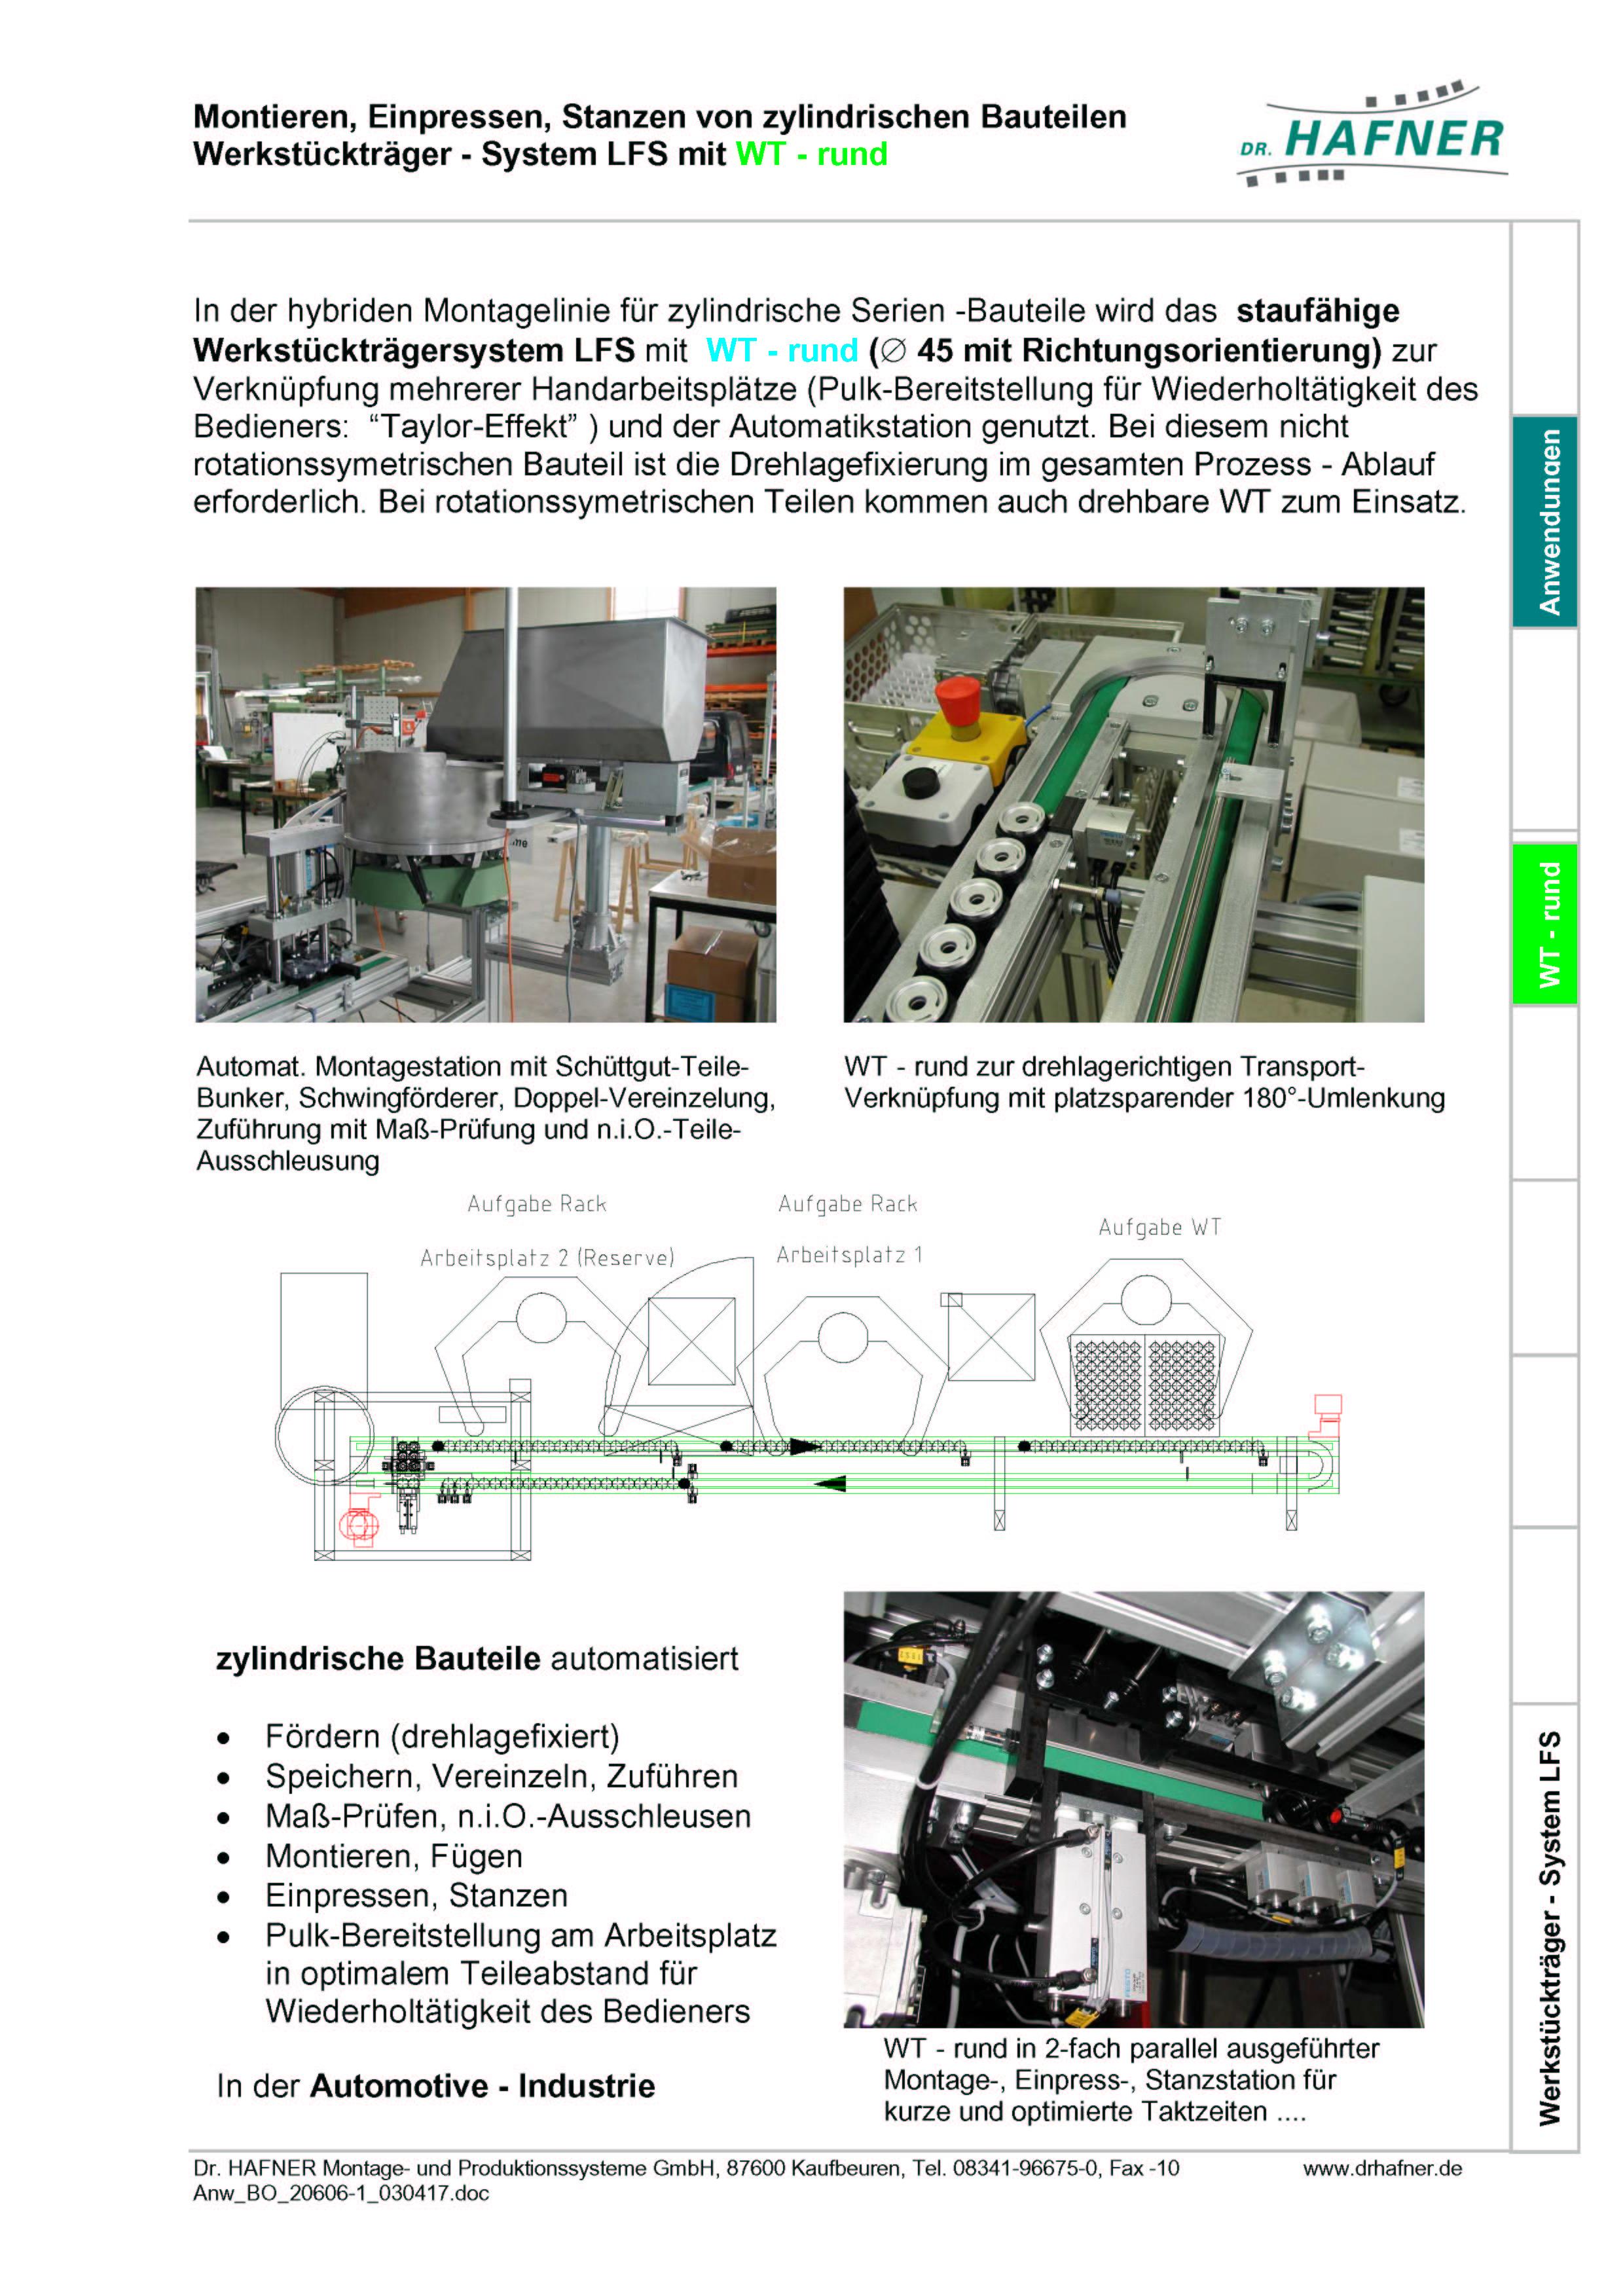 Dr. HAFNER_PKWP_22 Montieren Einpressen Stanzen Werkstückträger